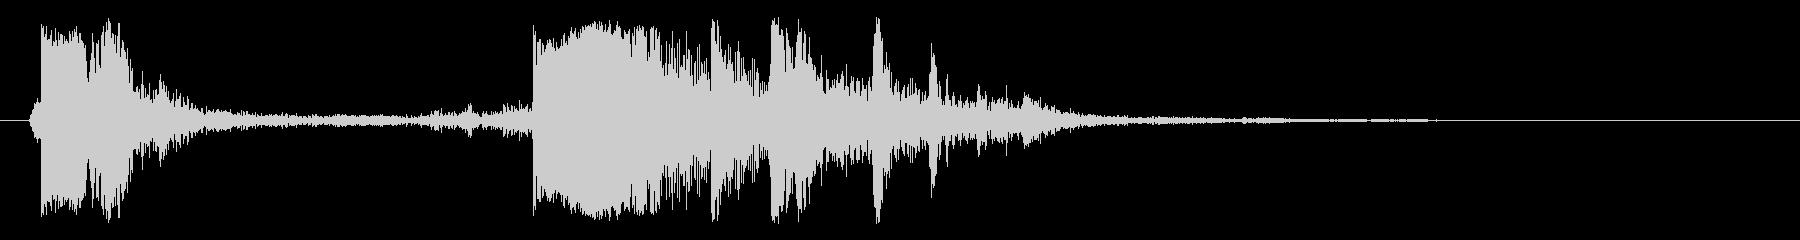 キンッカラ(ウインドウ移動)の未再生の波形